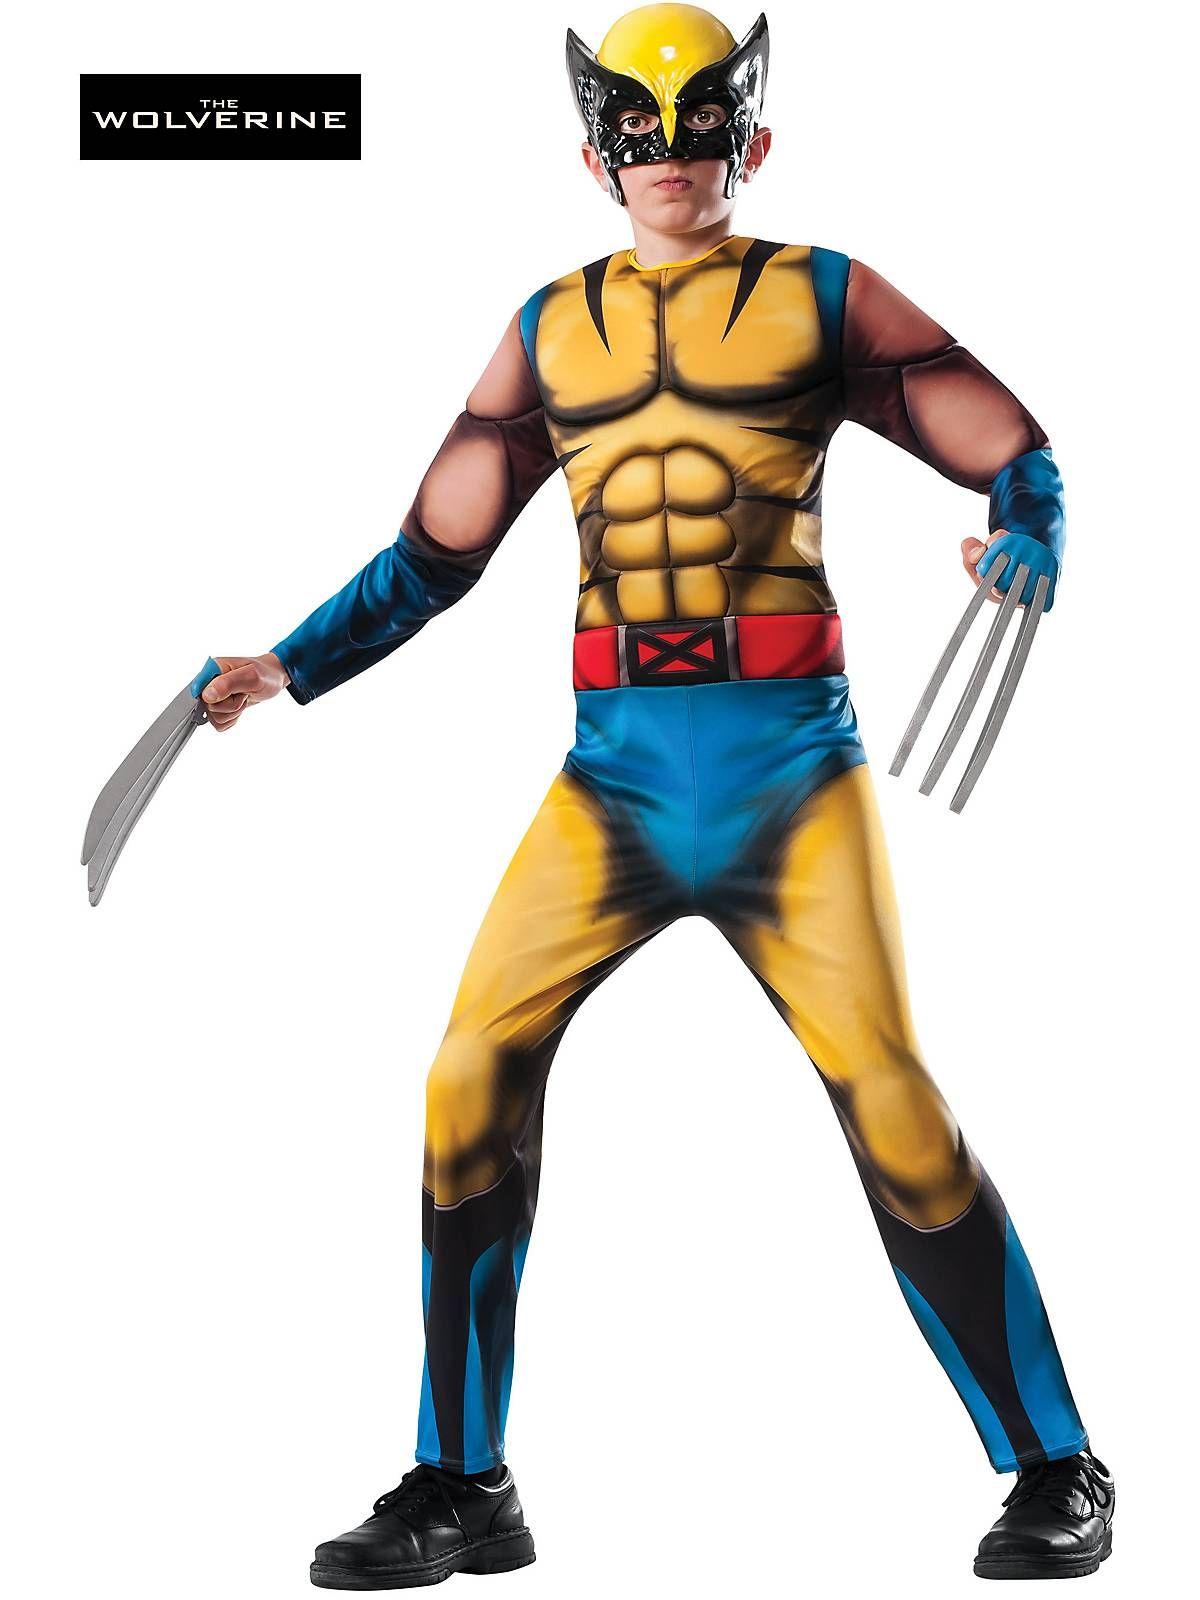 Boy S Deluxe Wolverine Costume Wolverine Costume Wolverine Costume Kids Diy Superhero Costume